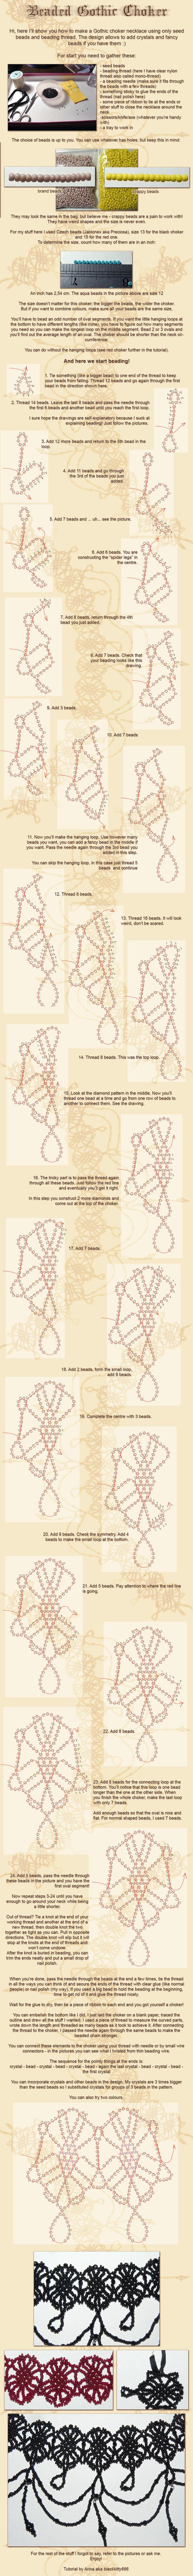 Beaded choker tutorial by la-chatte-noire